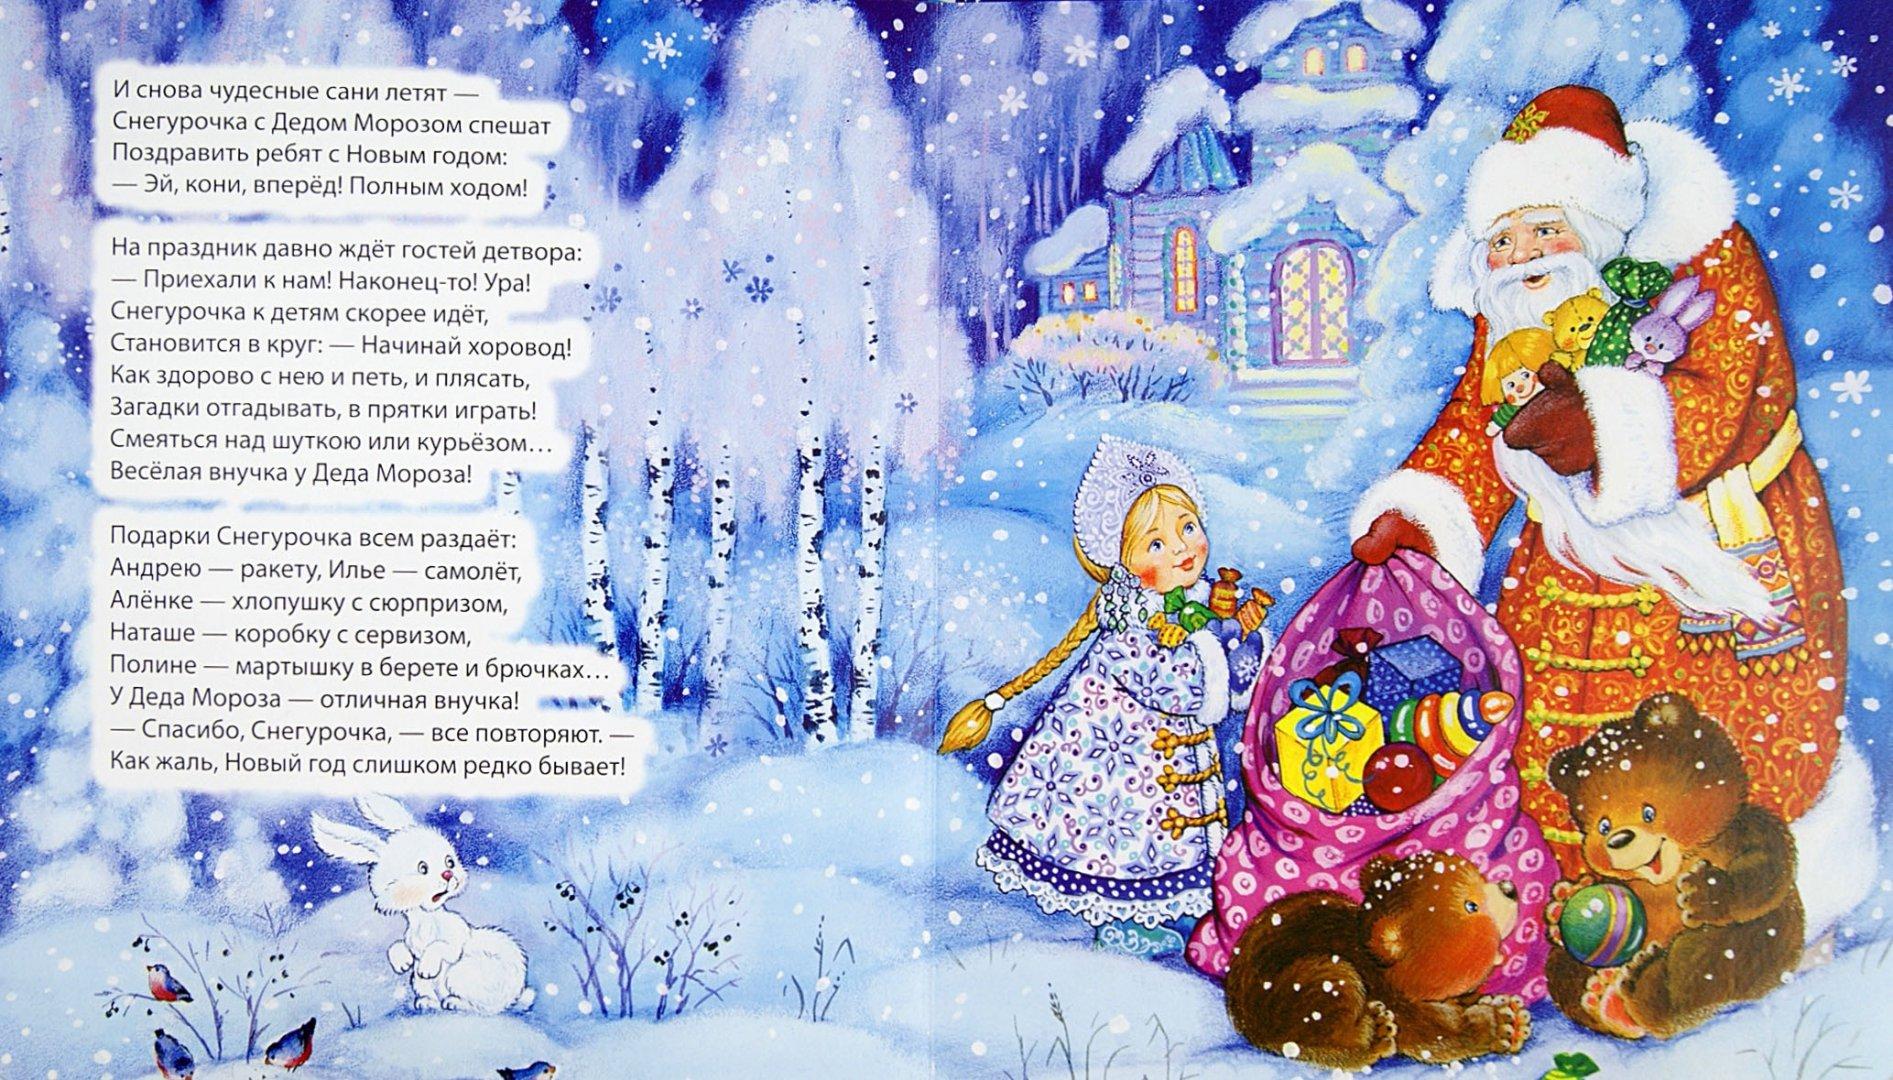 Иллюстрация 1 из 11 для Волшебная новогодняя книга (со стереокартинкой) - Дружинина, Ульева   Лабиринт - книги. Источник: Лабиринт